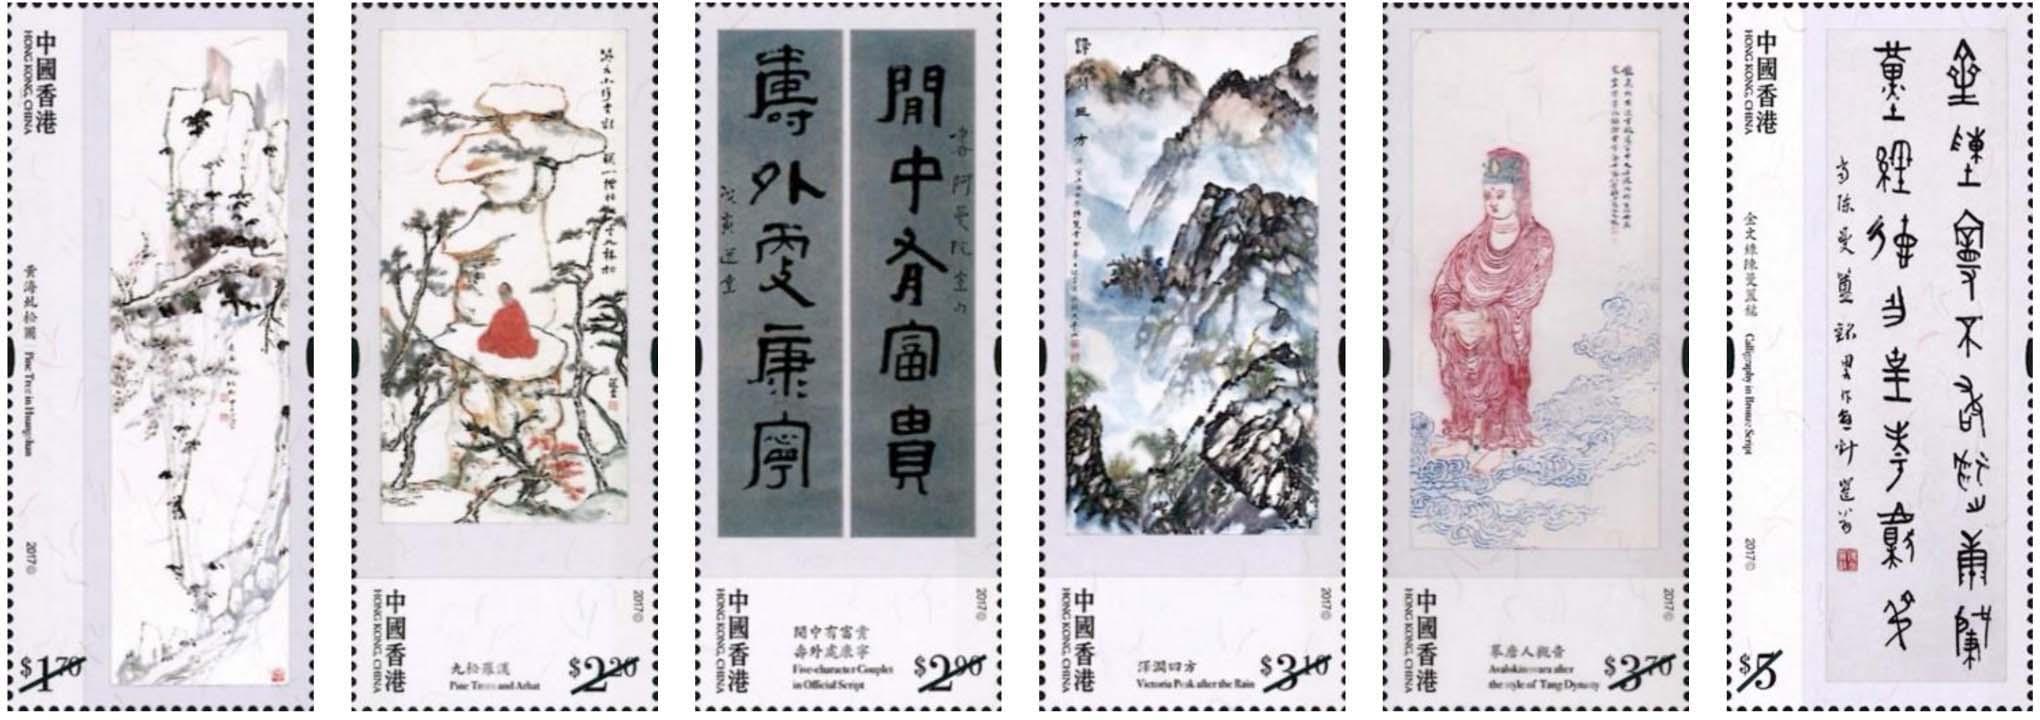 邮票将展示国学大师饶宗颐的人物及山水花鸟画作和书法作品,分别为